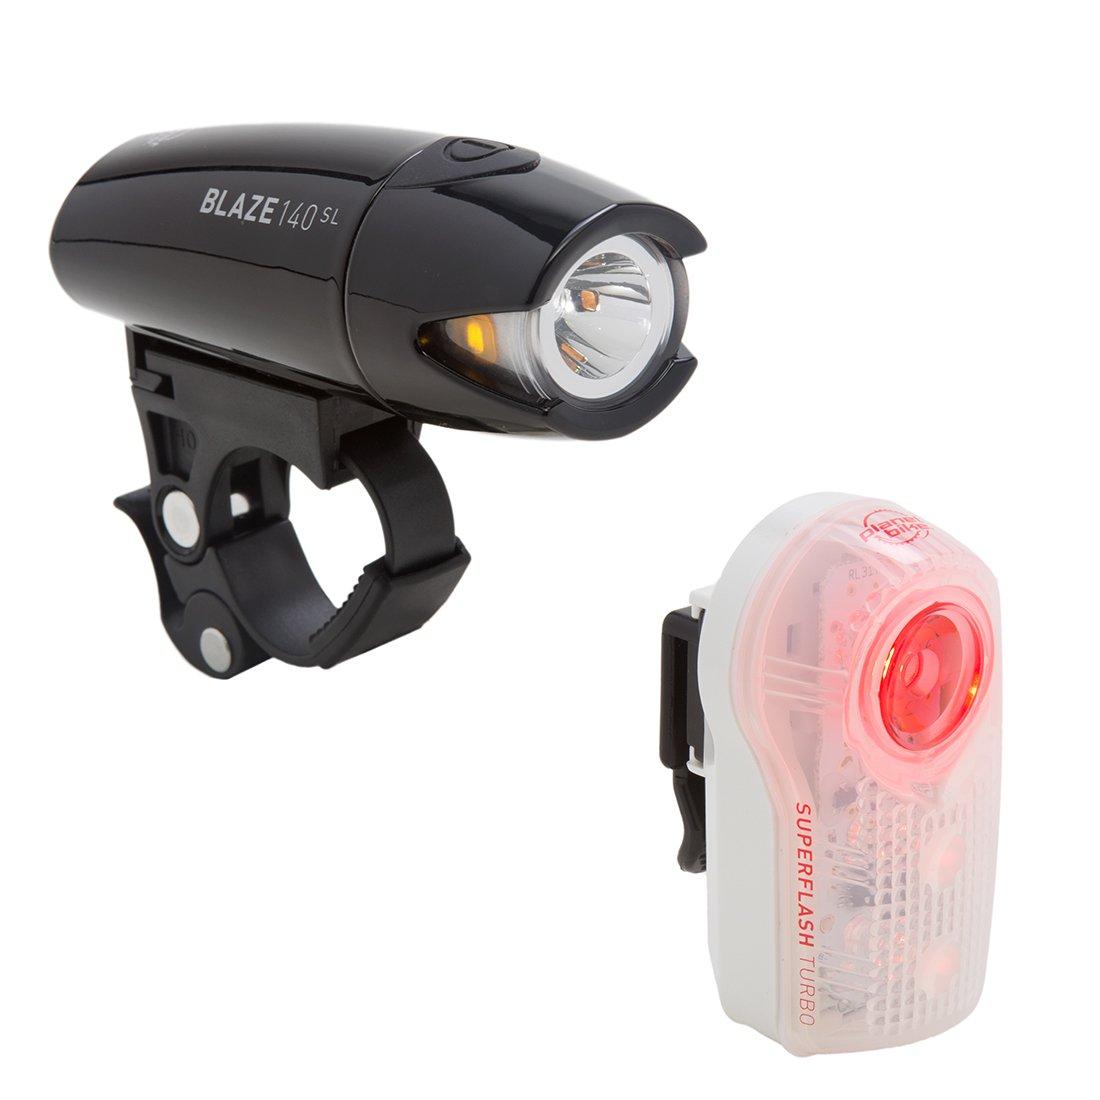 BSS Xeccon Mars60 USB 60 Lumen Linear Smart Brake Rear or Tail Bike Light